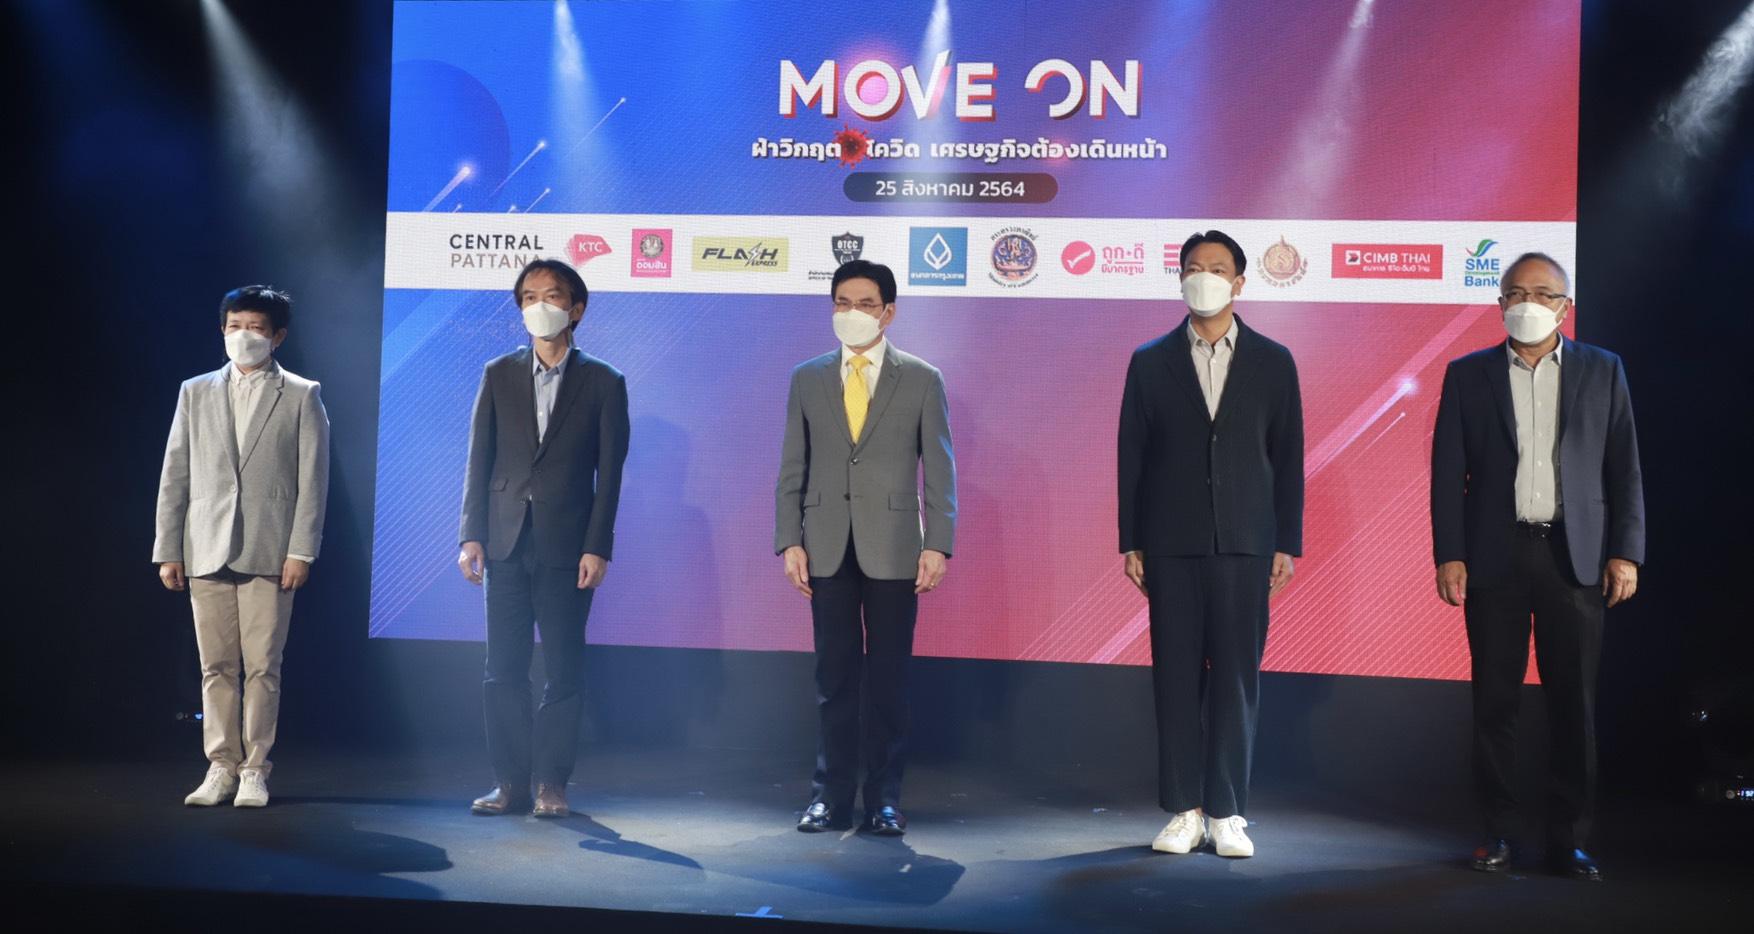 """""""จุรินทร์"""" ช่วย SMEs 3 ล้านราย Move on จากโควิด – เศรษฐกิจ"""